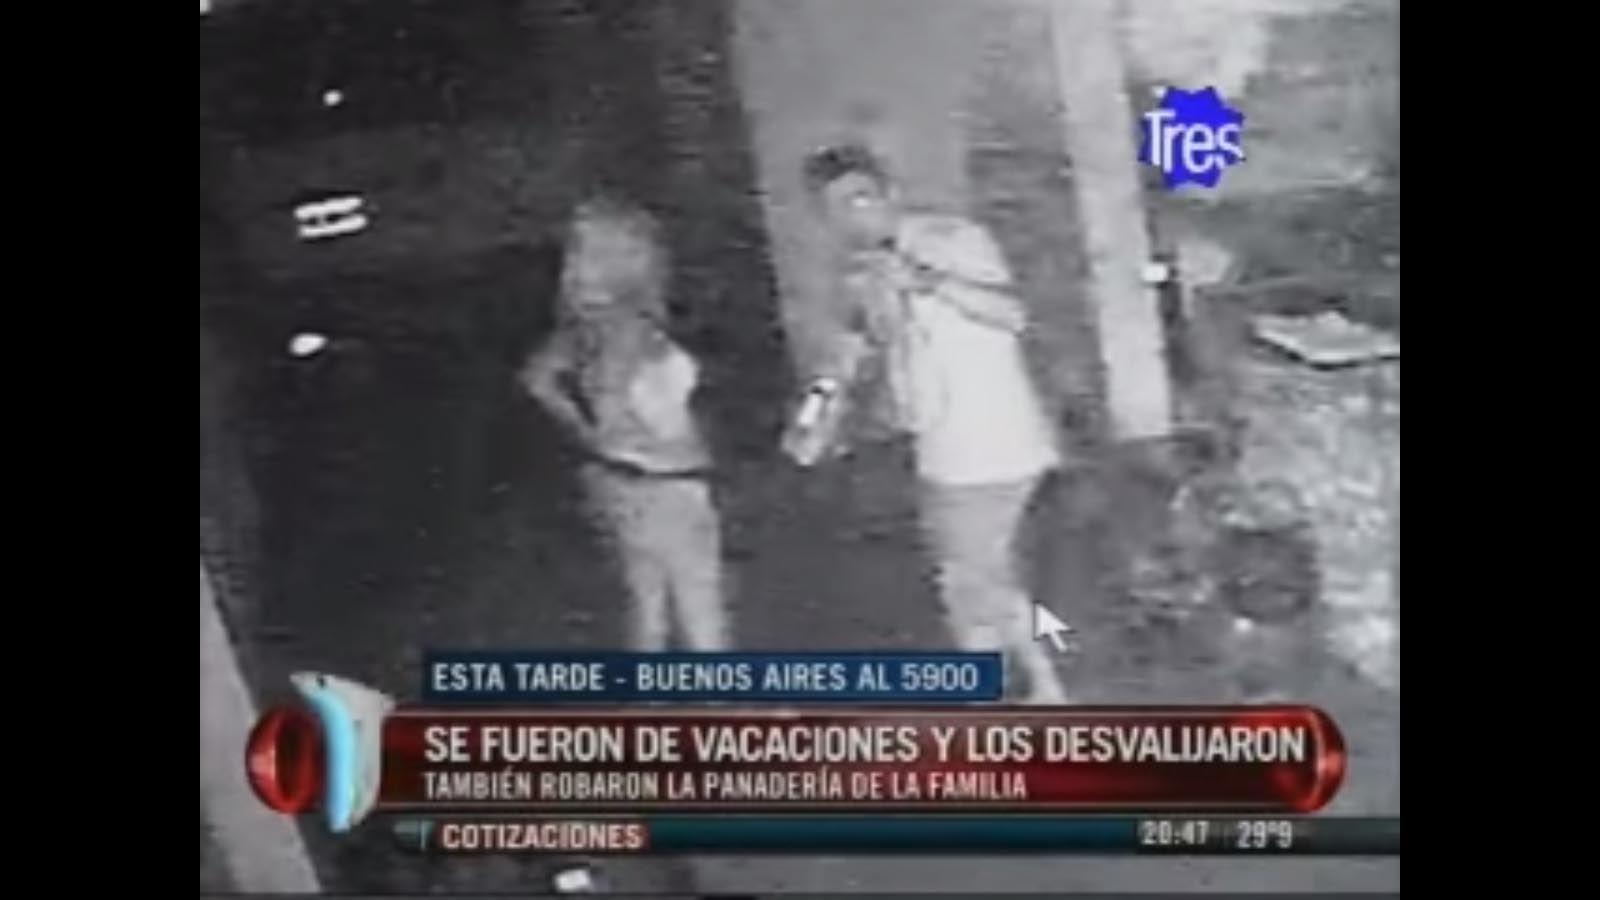 El video. Dos ladrones de la casa de Buenos Aires al 5900